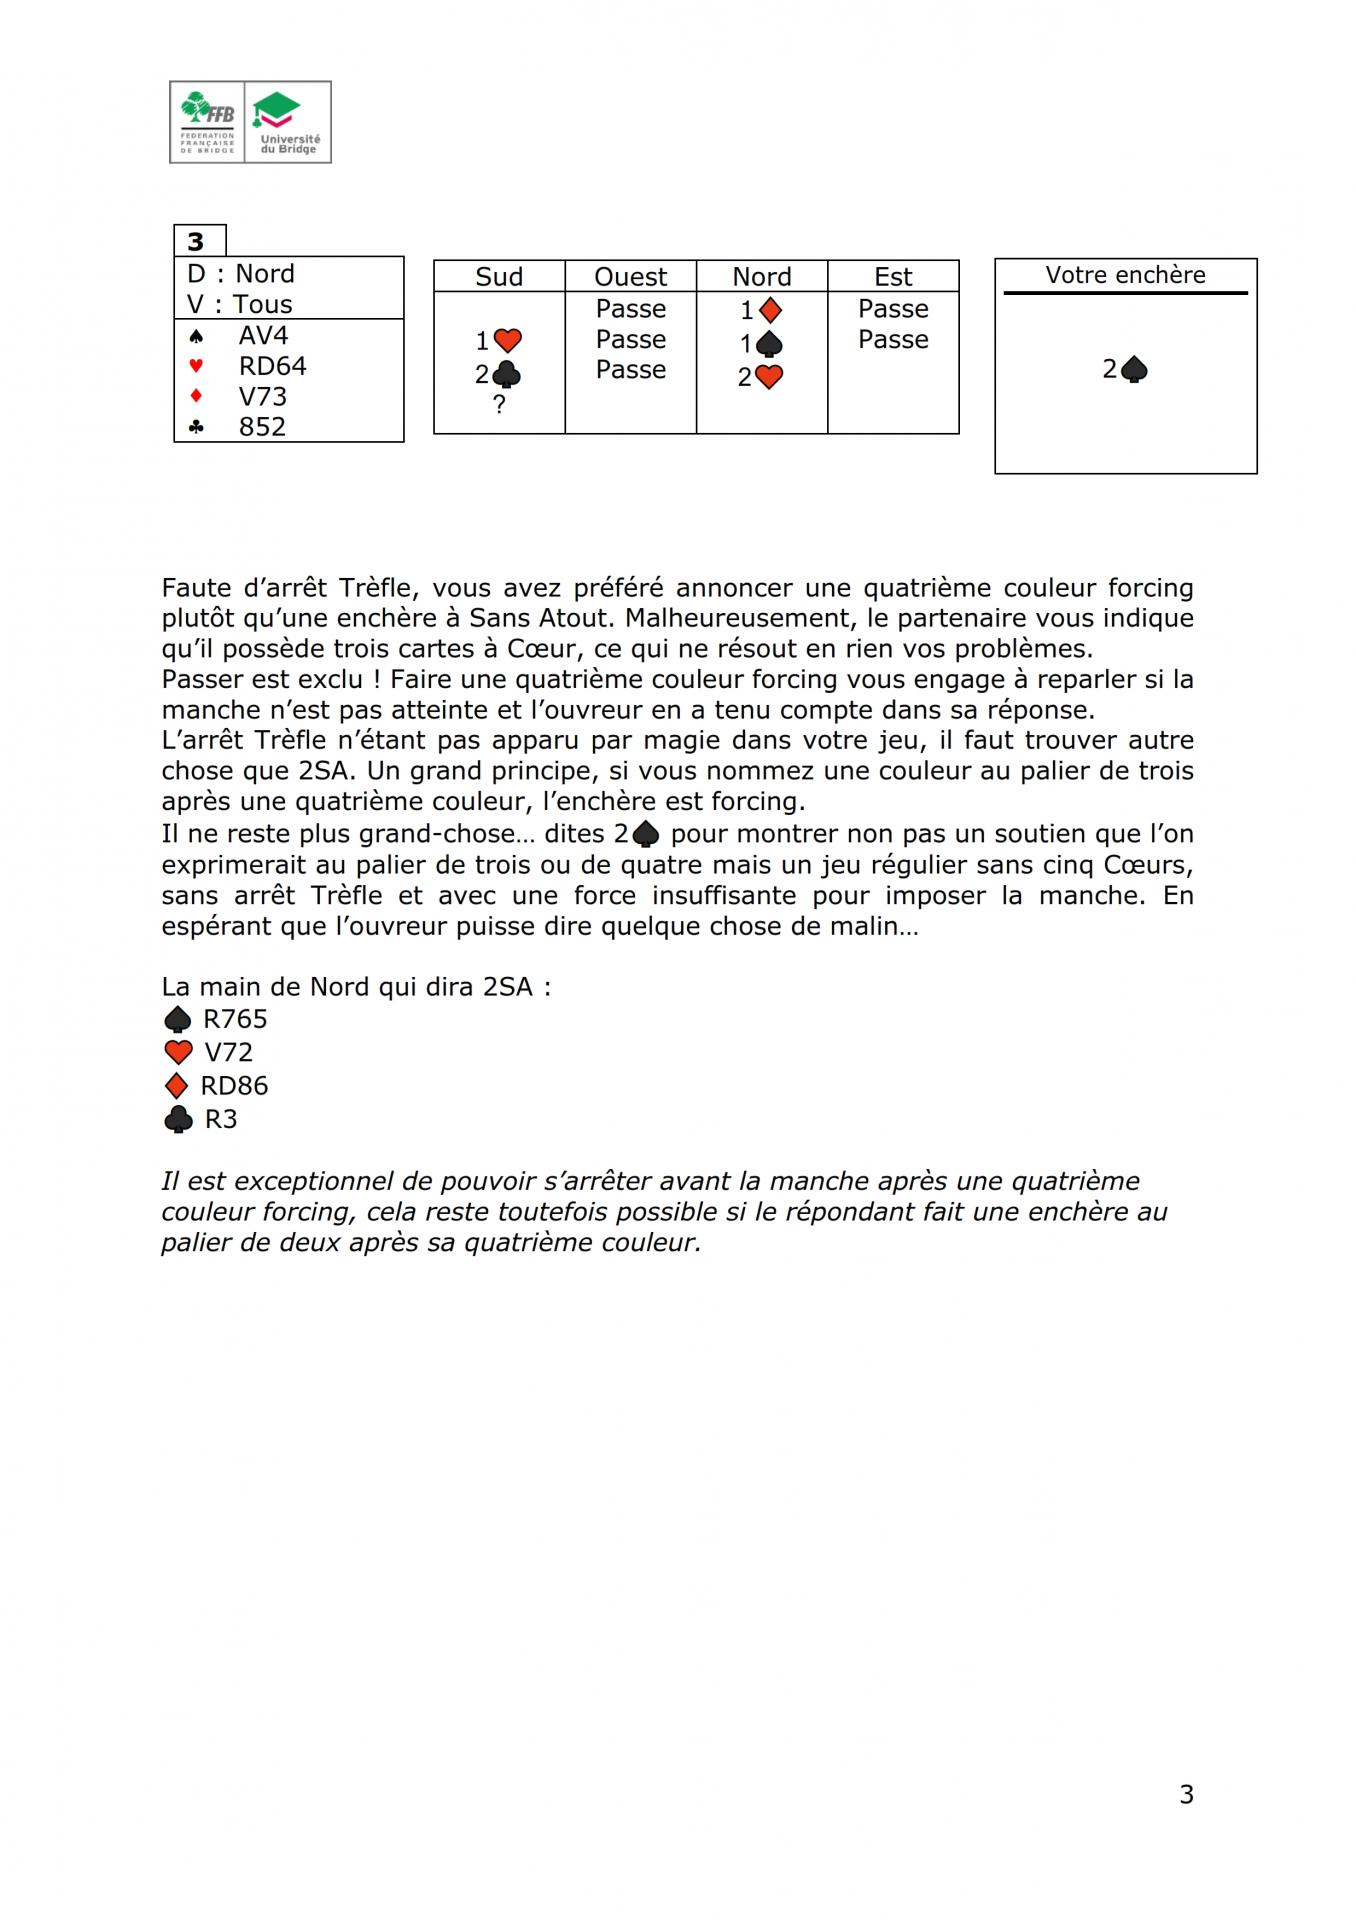 Formation continue des moniteurs solutions janvier2020 003